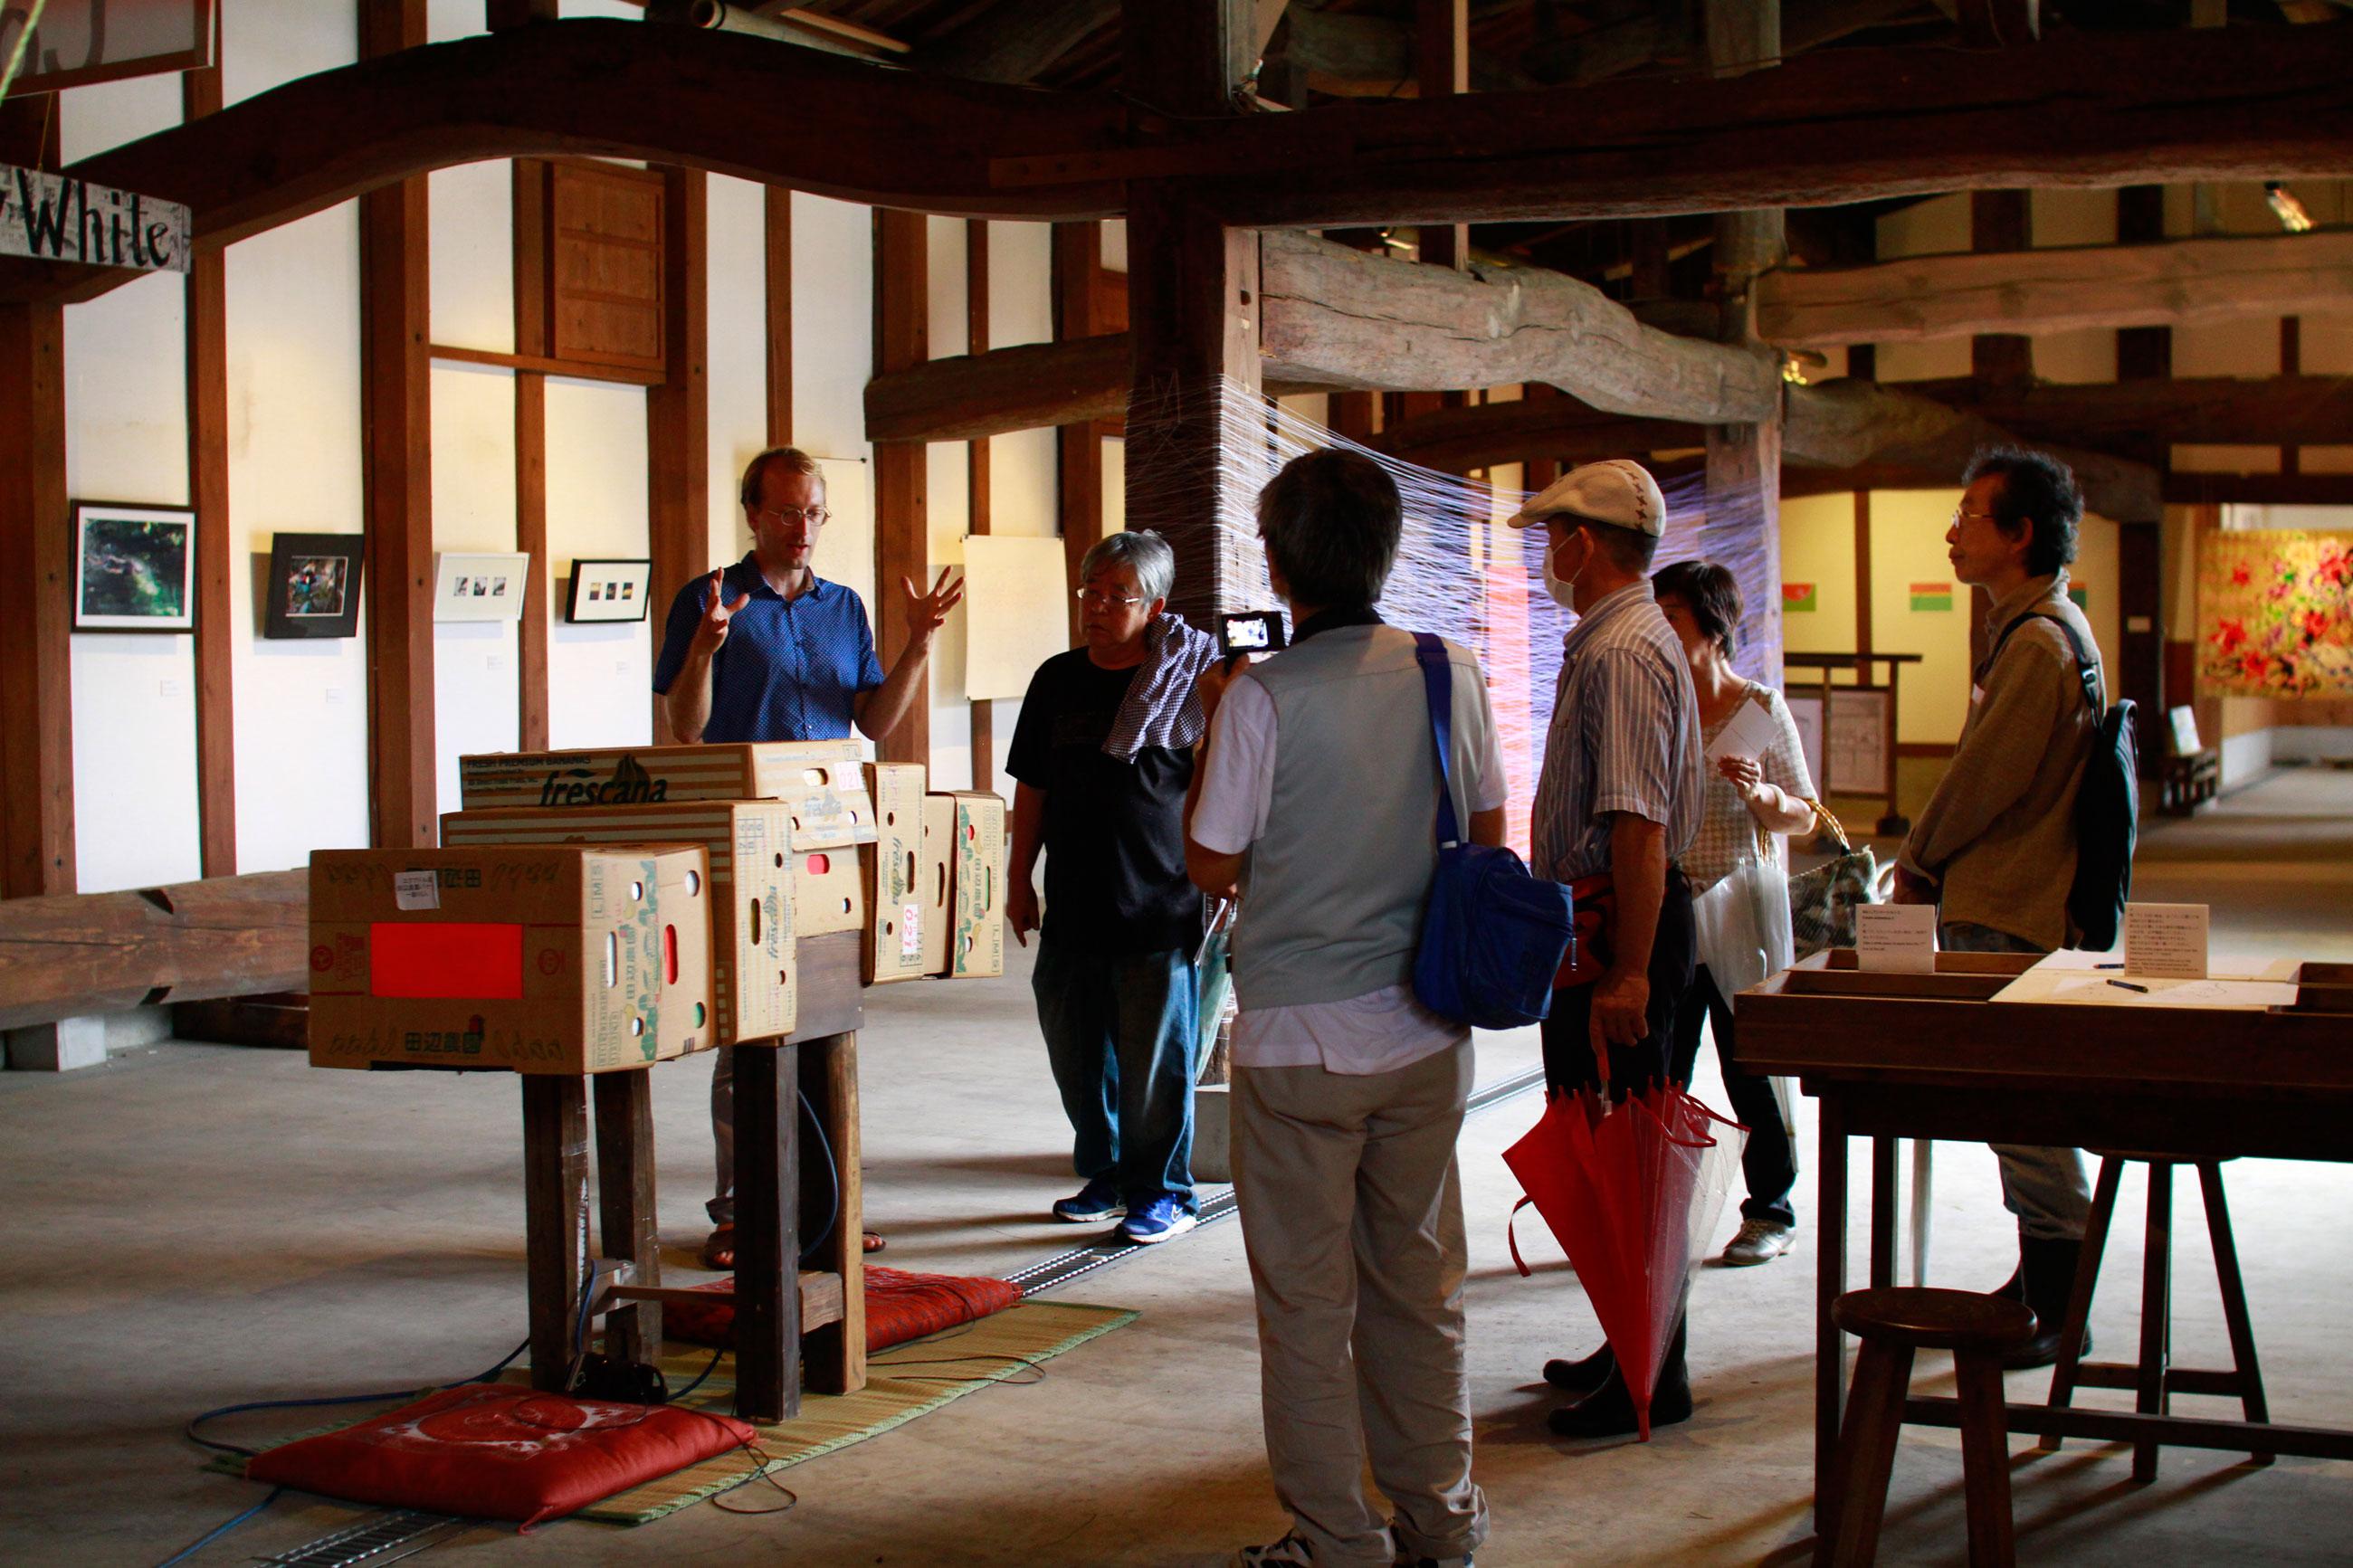 かんな秋アート祭り2016年鬼石展示会Art Residency Japan Kanna Art Festival 2016 Kjell Hahn キール・ハーン